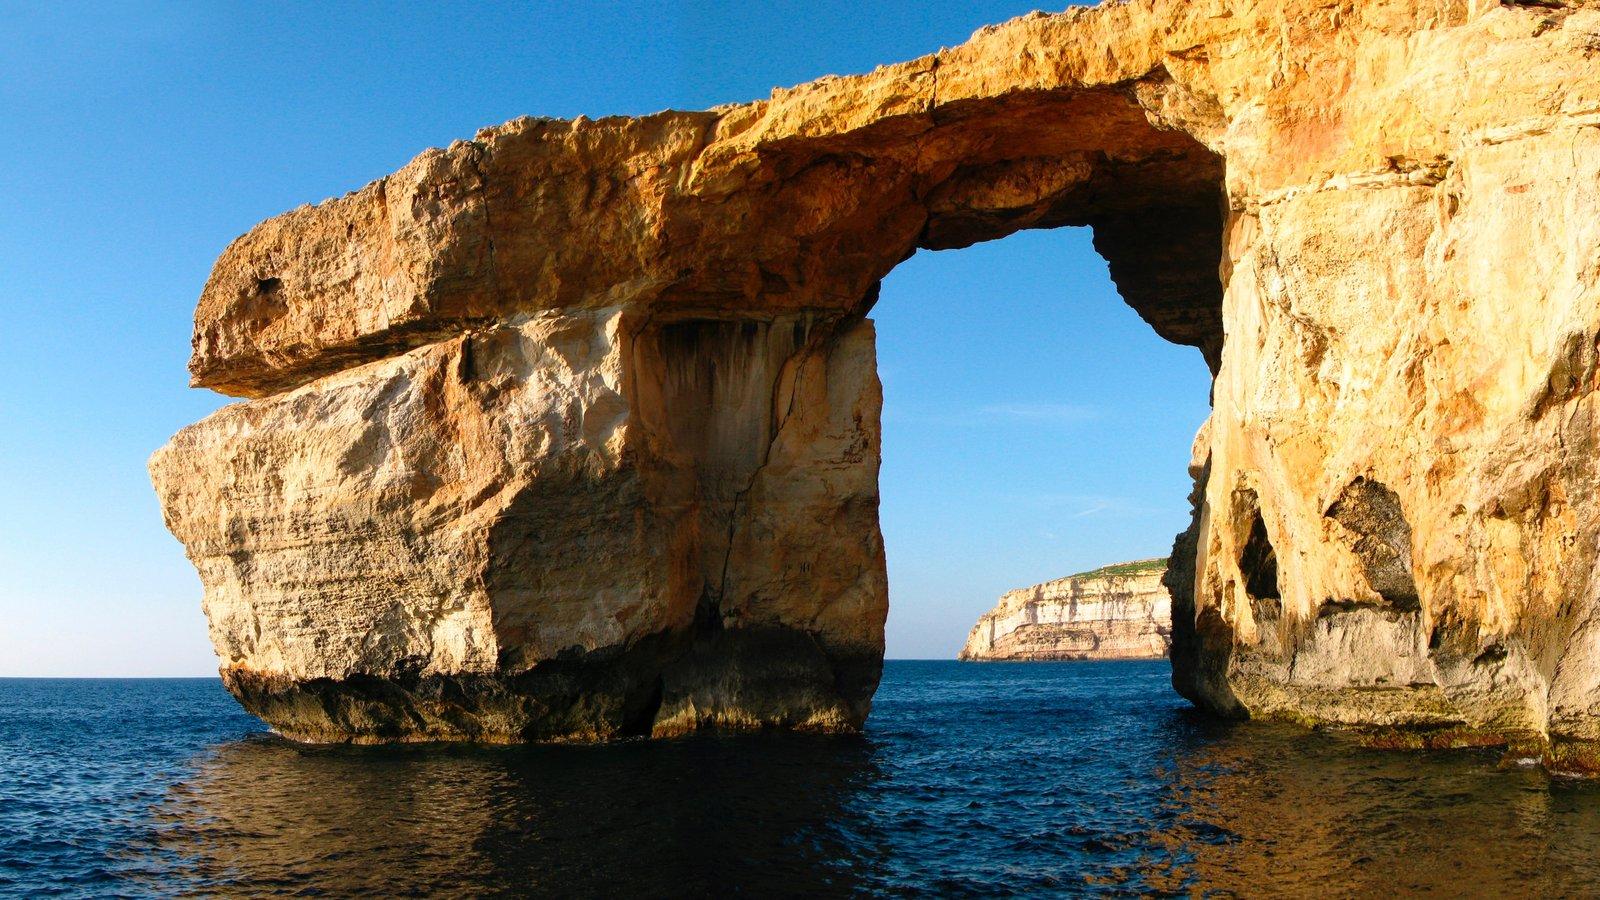 Gozo mostrando vistas de paisajes y costa rocosa